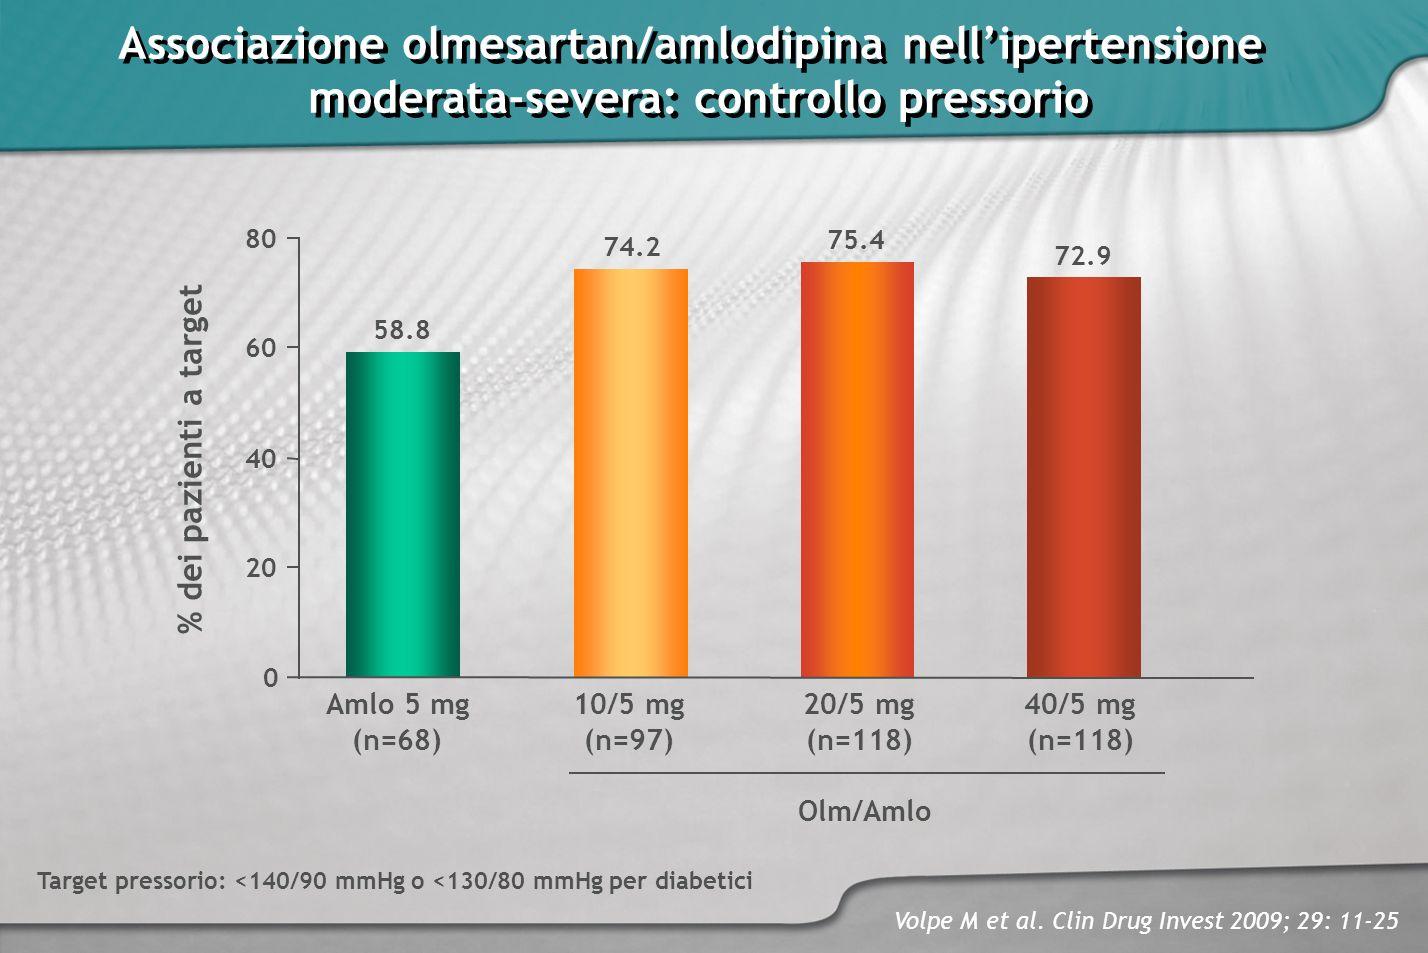 Associazione olmesartan/amlodipina nell'ipertensione